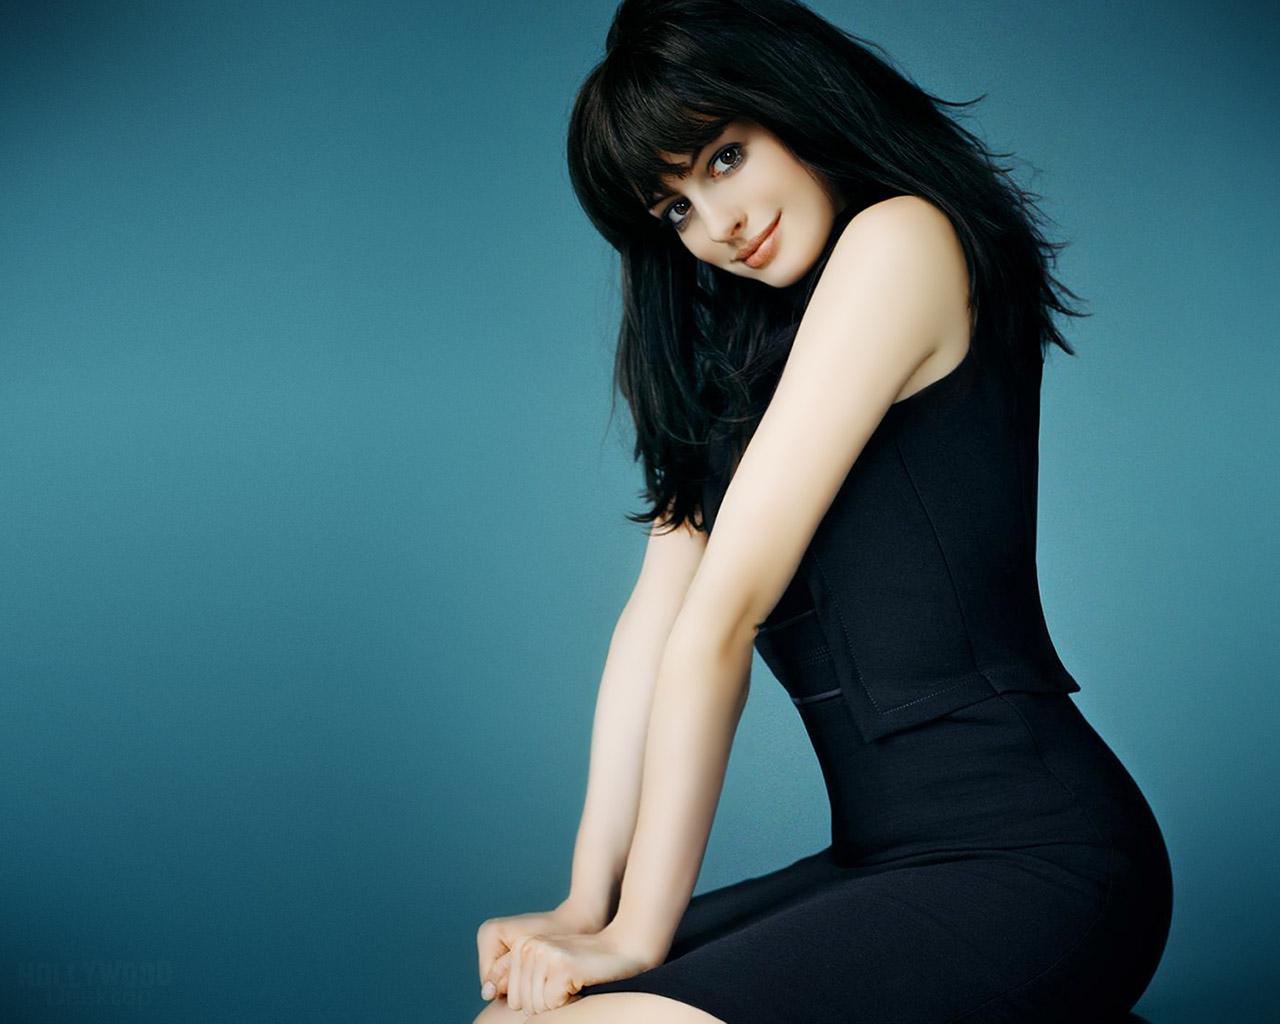 Hollywood Actress Hd Wallpaper: Picpile: Hollywood Actress HD